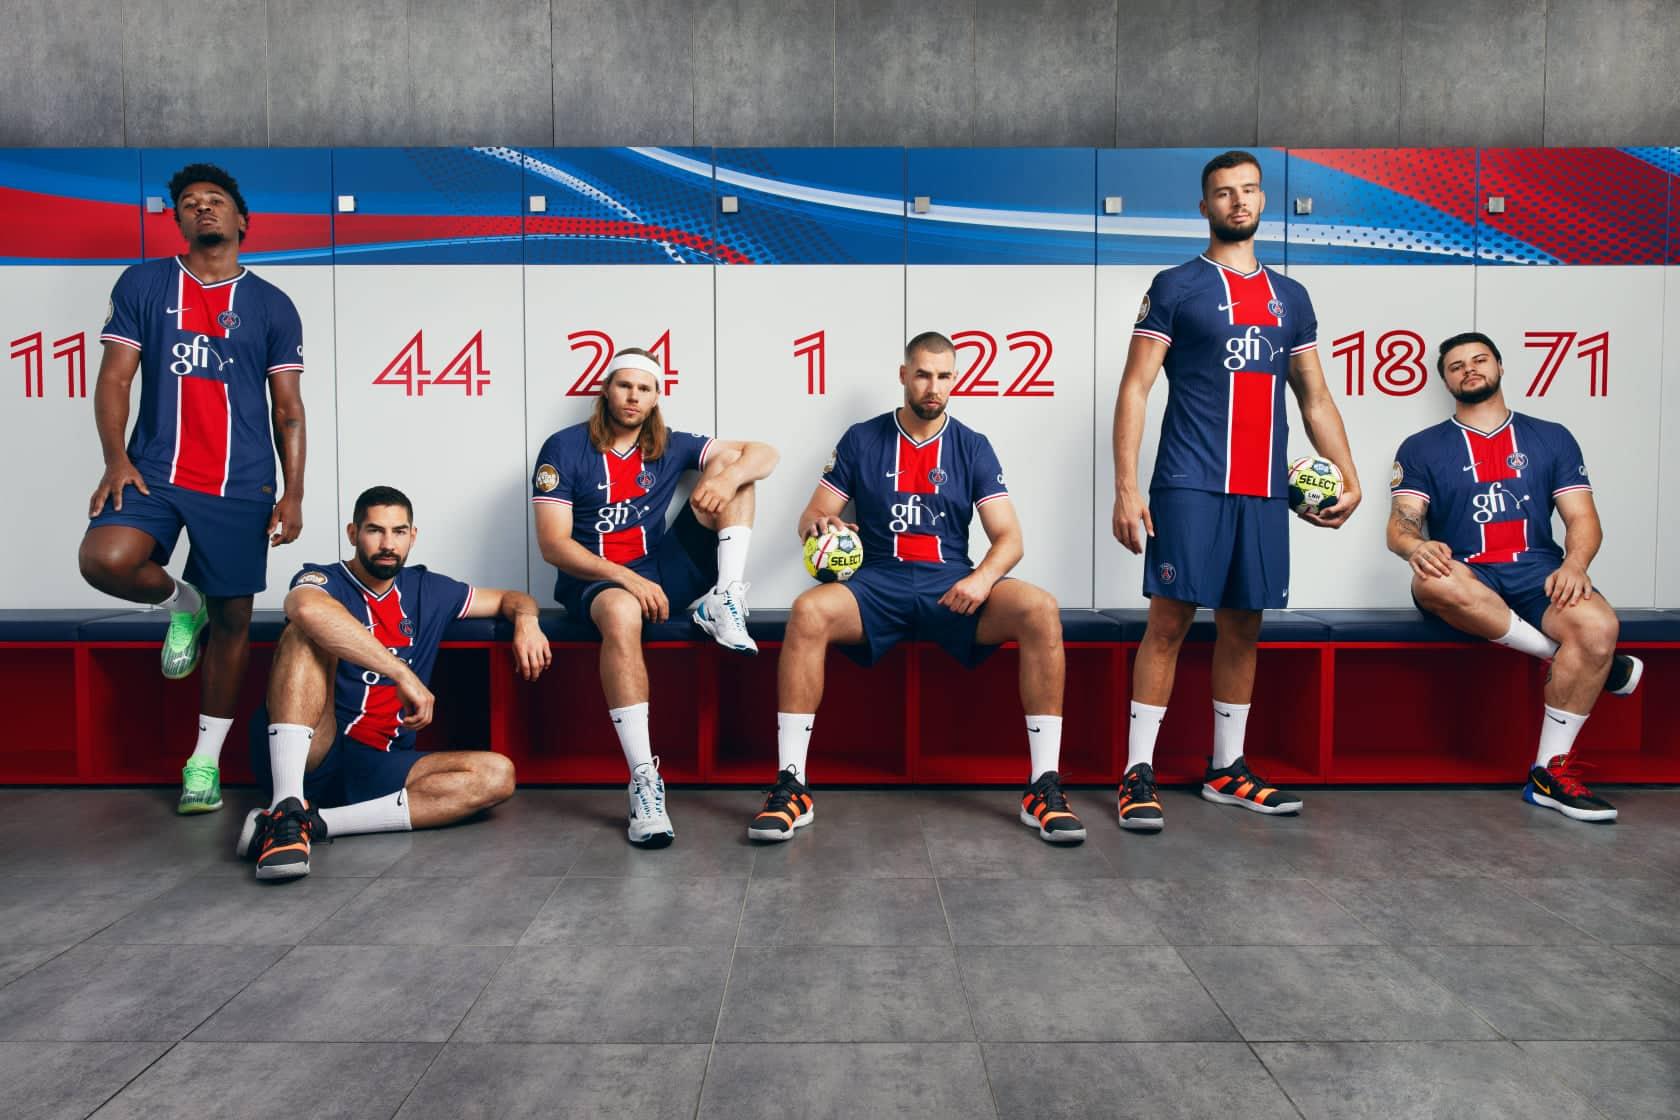 le-psg-handball-et-nike-devoilent-les-nouveaux-maillots-2020-2021-1